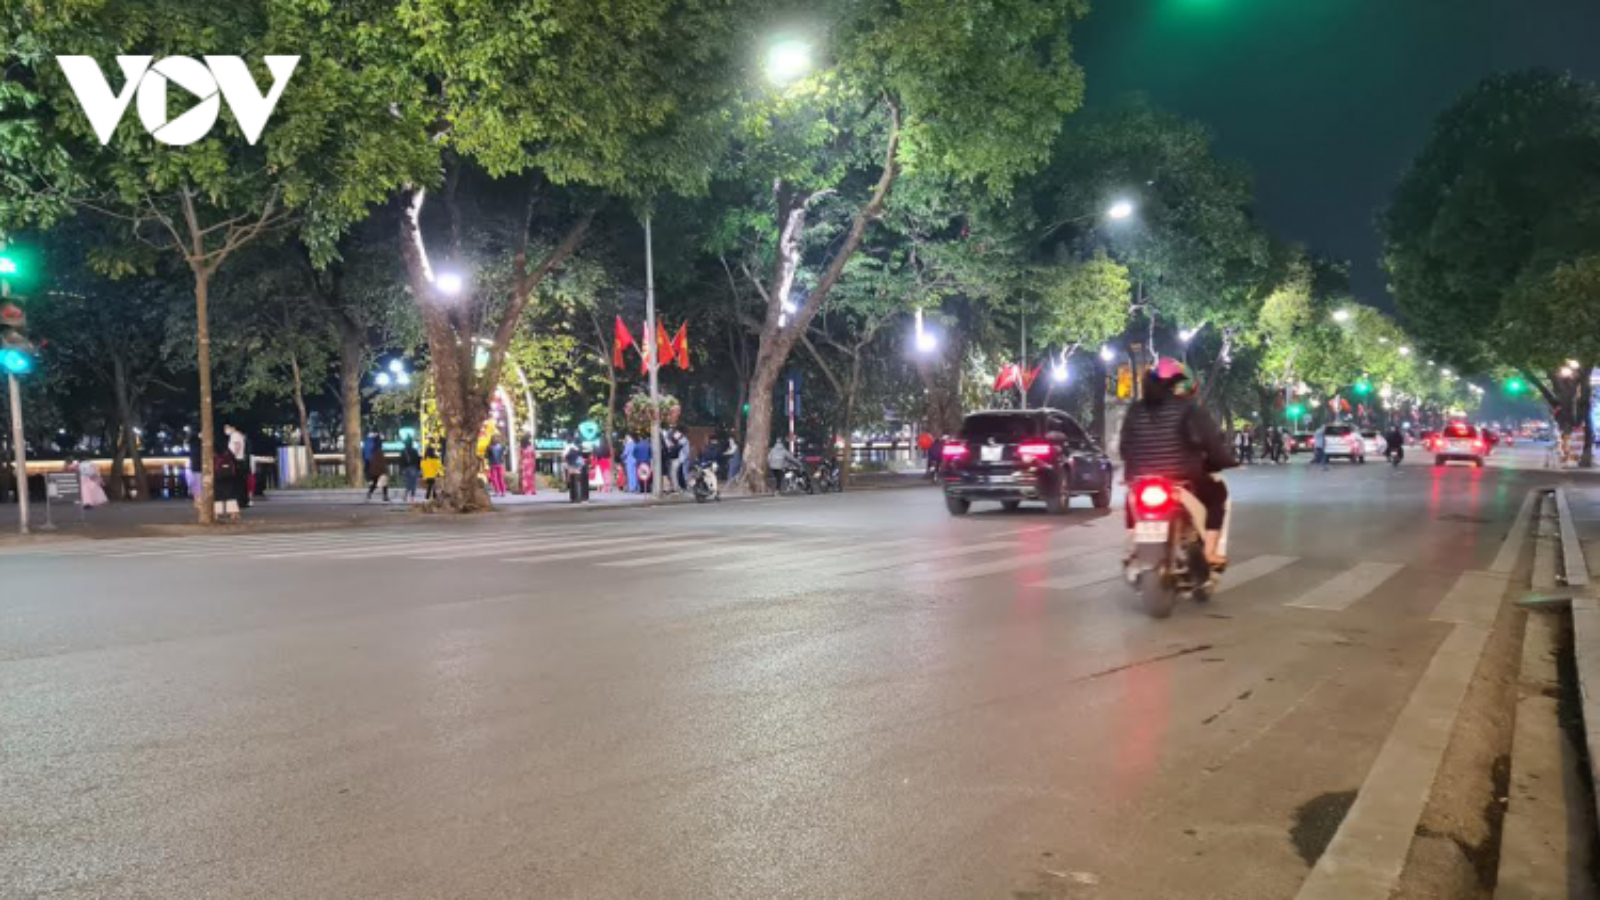 Đêm Giao thừa mùa dịch Covid-19, khu vực trung tâm Hà Nội thưa vắng người qua lại